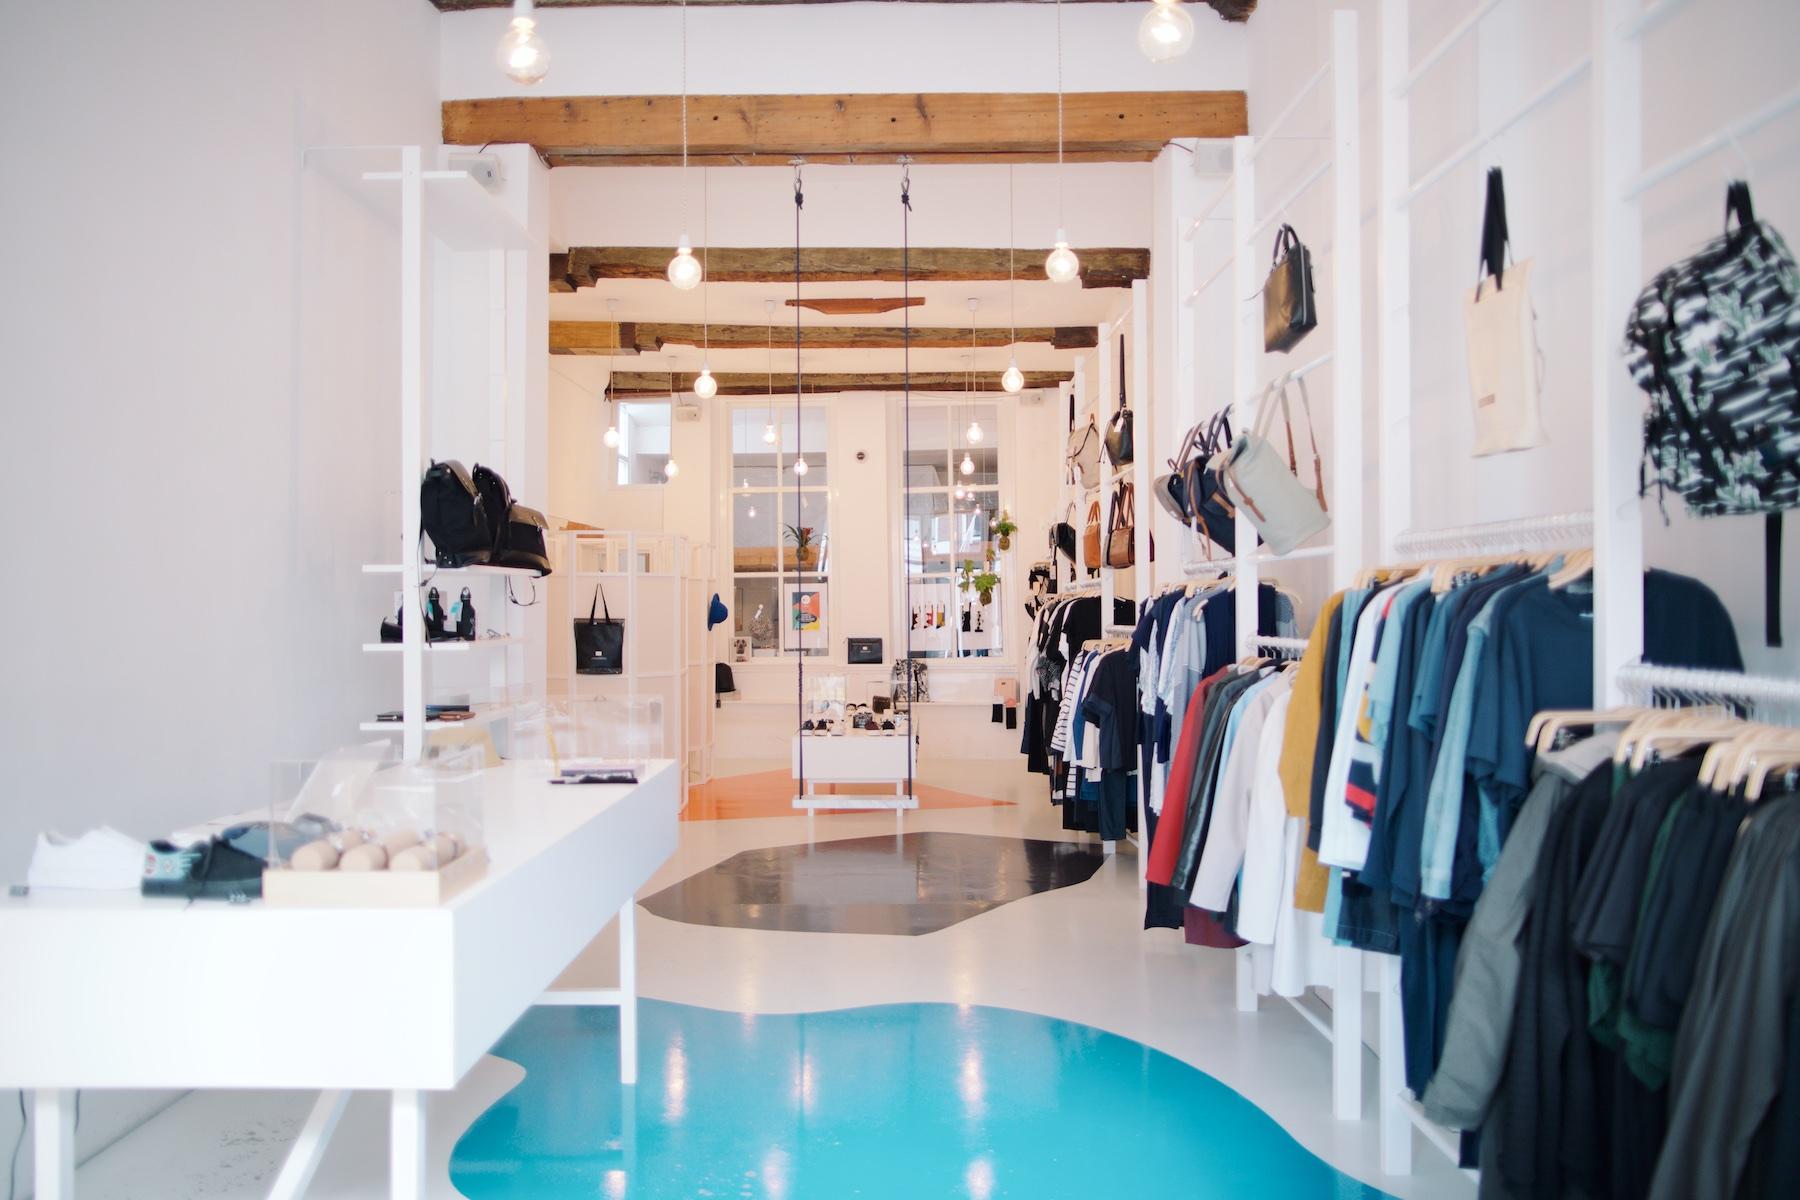 klijs en boon, designer shop, skandinavian fashion, utrecht cityguide, soenda festival, soenda, cityguide, visit the netherlands, where to go utrecht